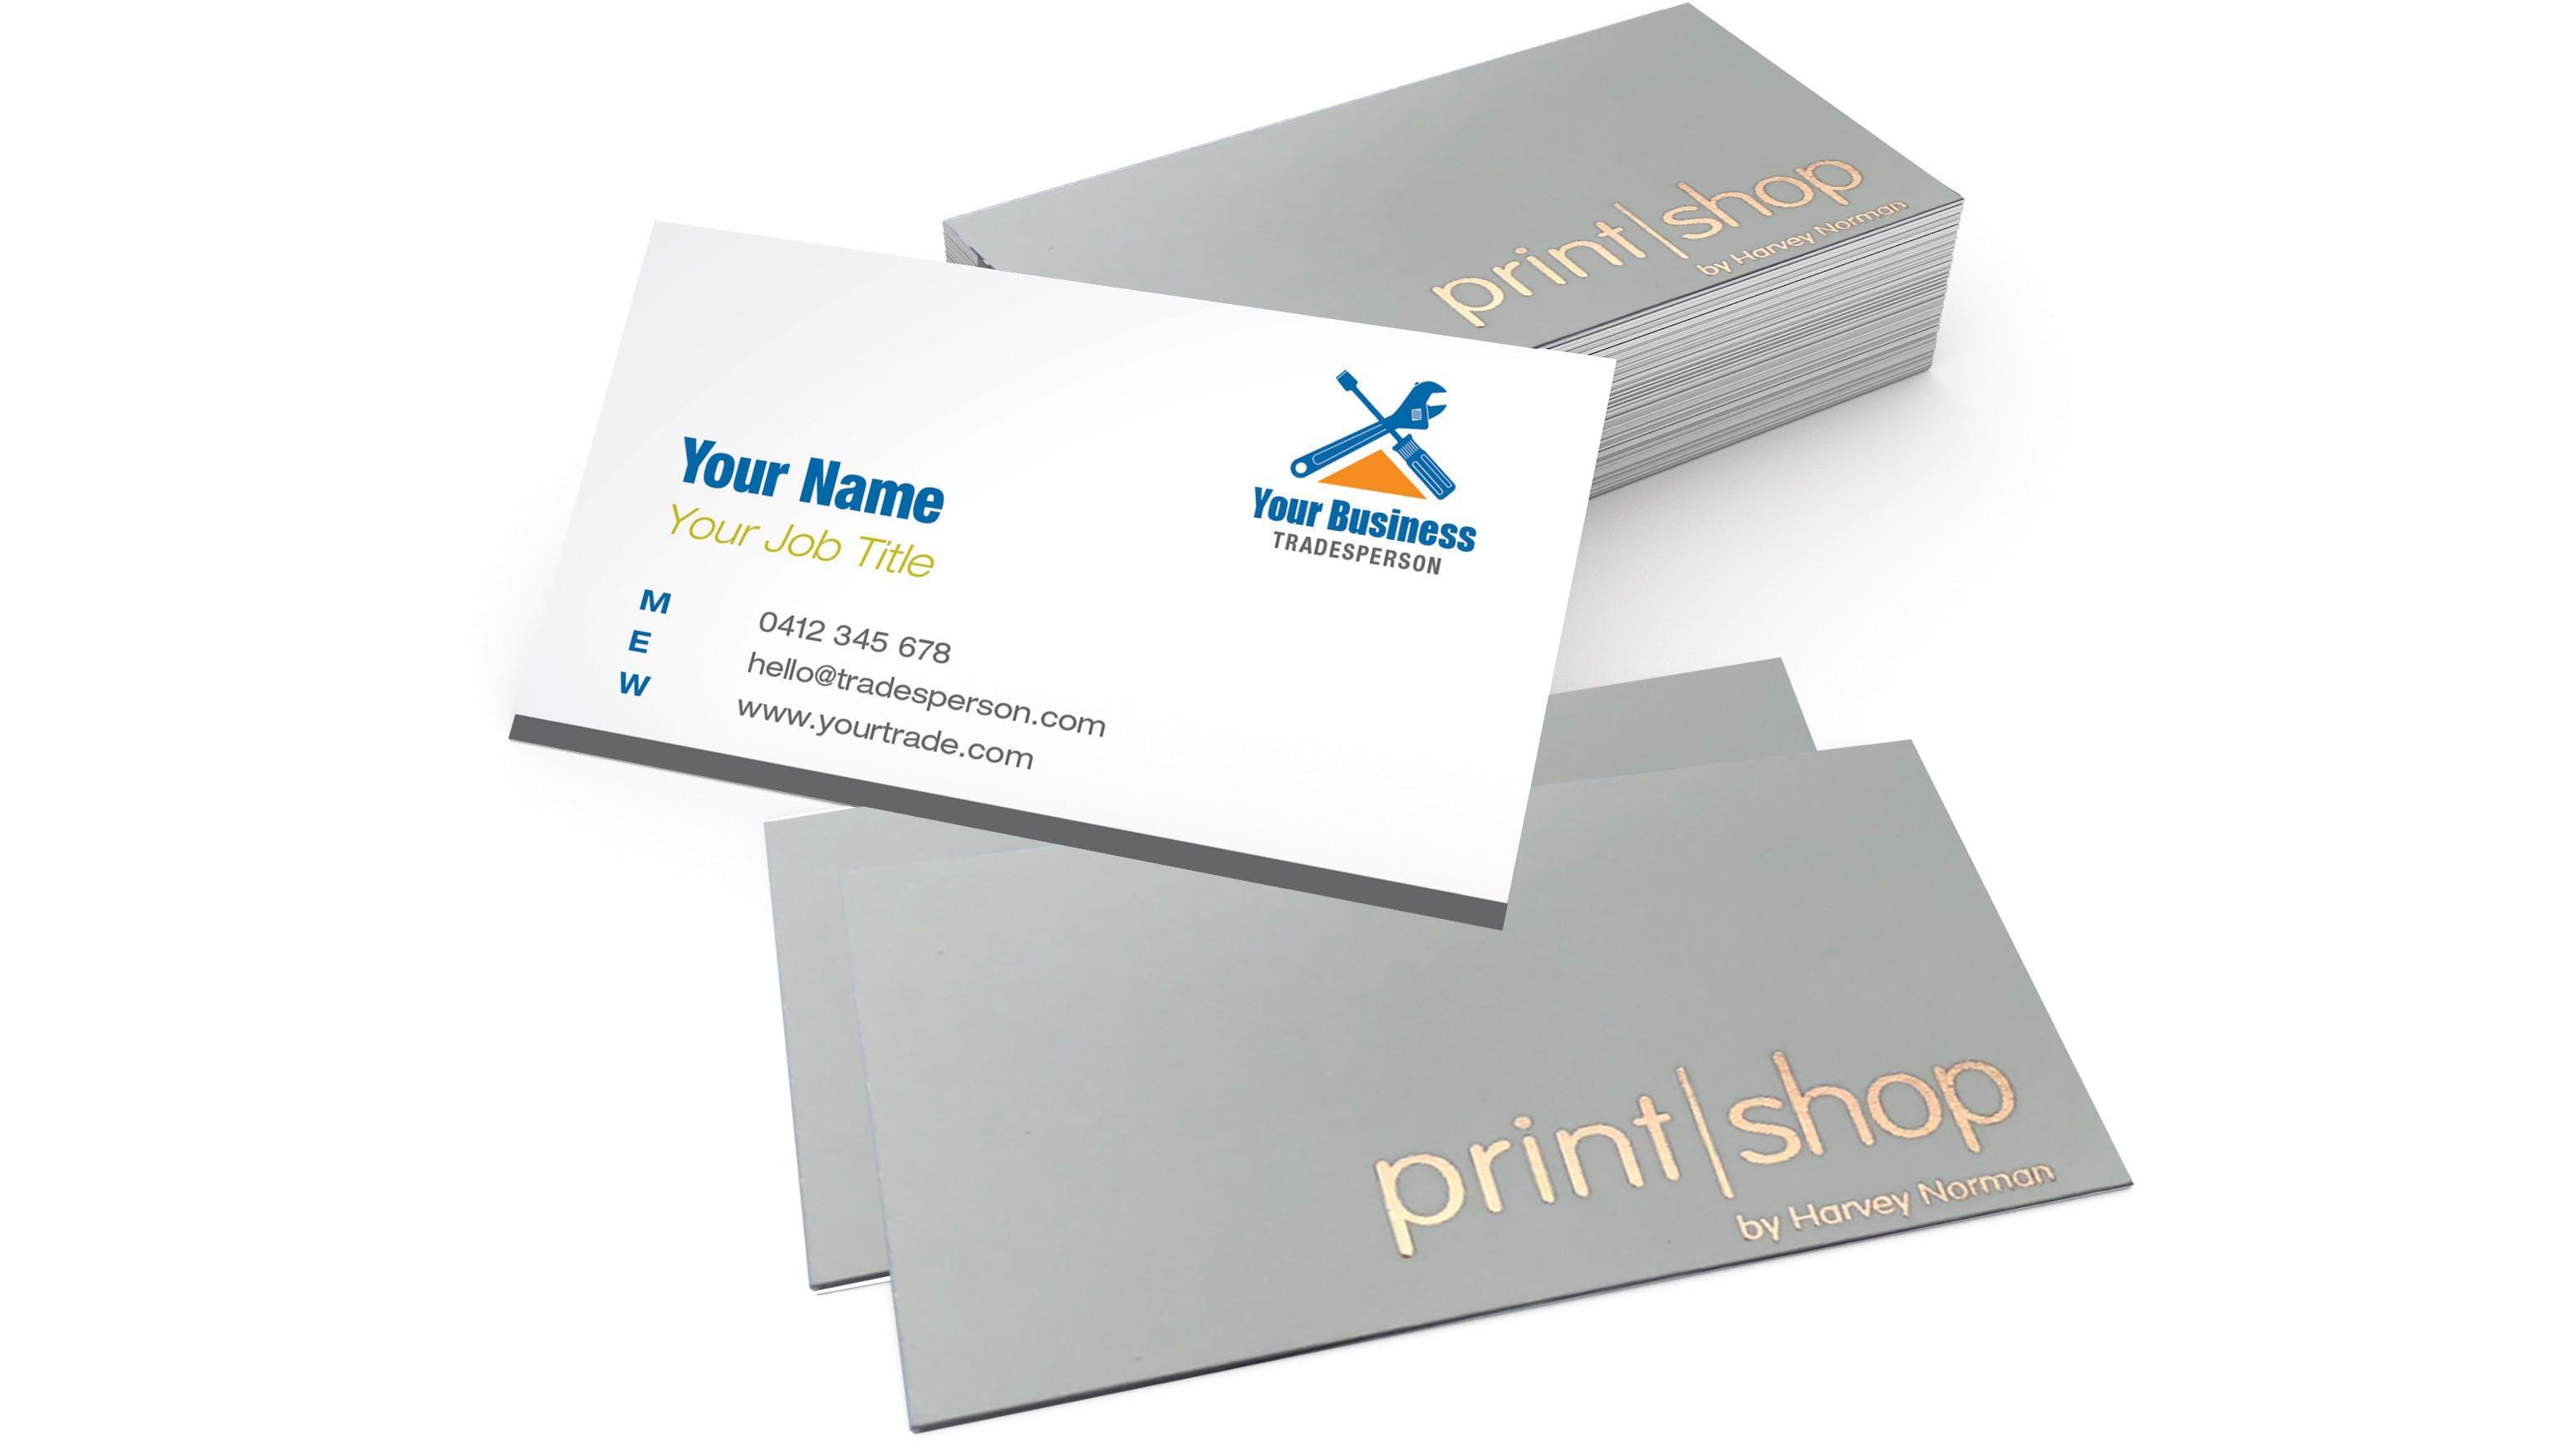 Platinum Business Cards - Velvet & Foil - 350GSM   PrintShop by ...